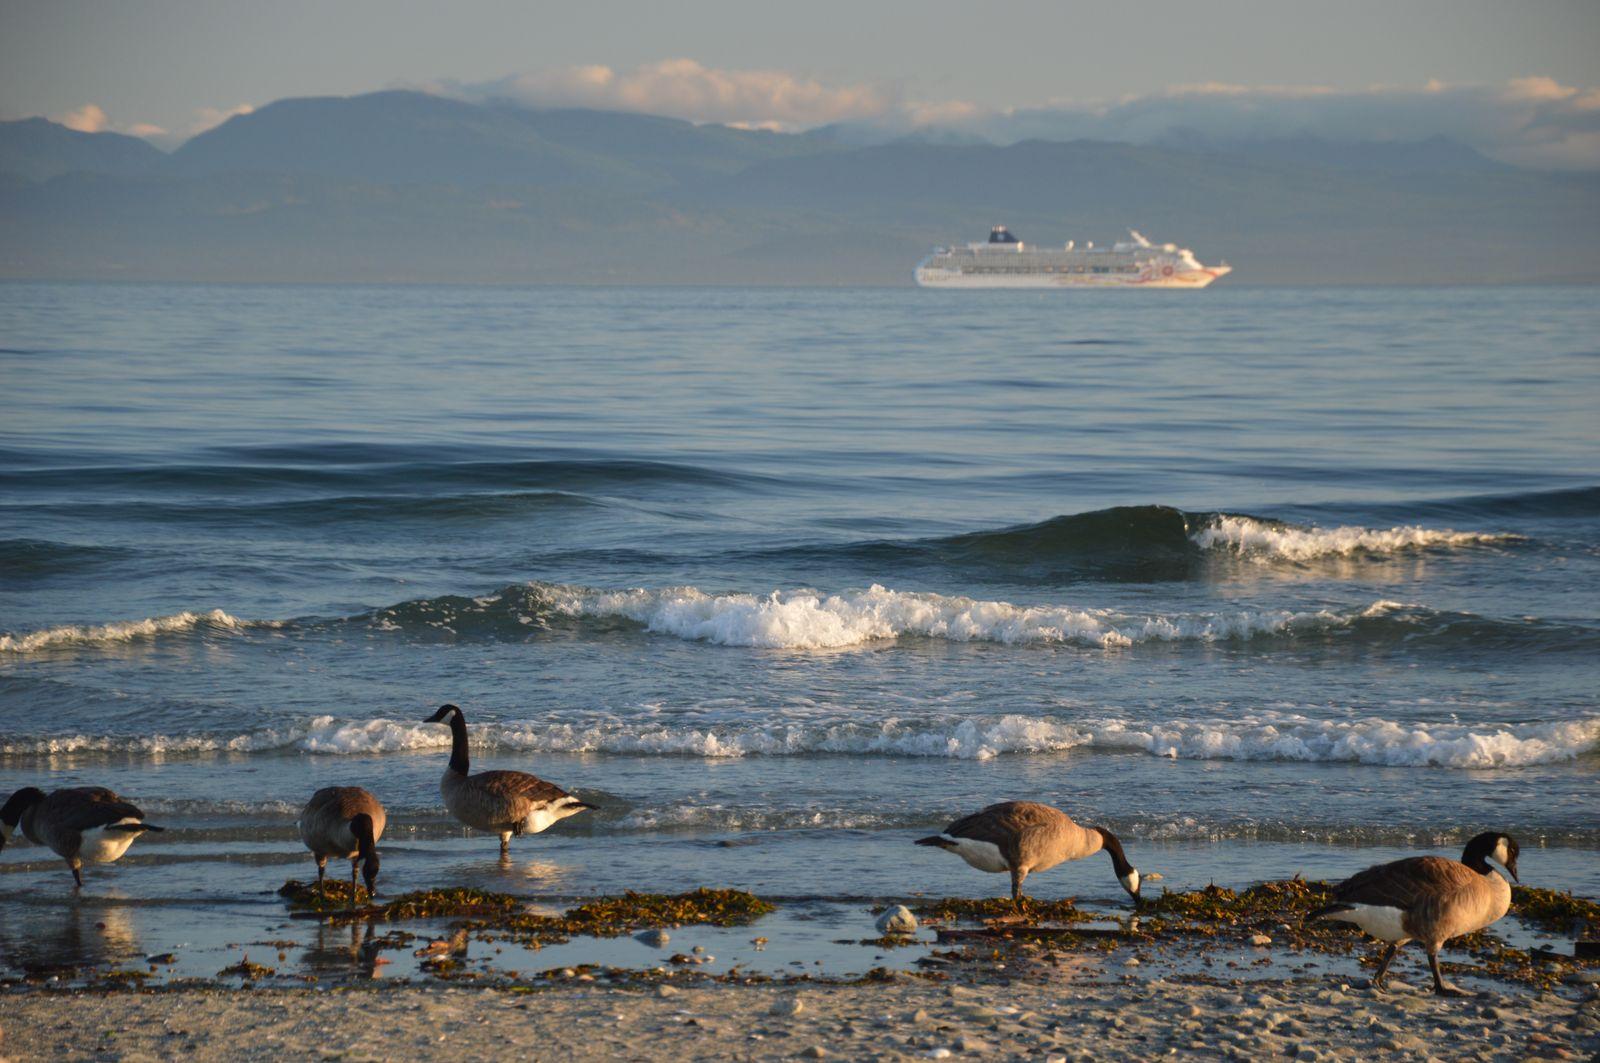 Zvierence | Ducks